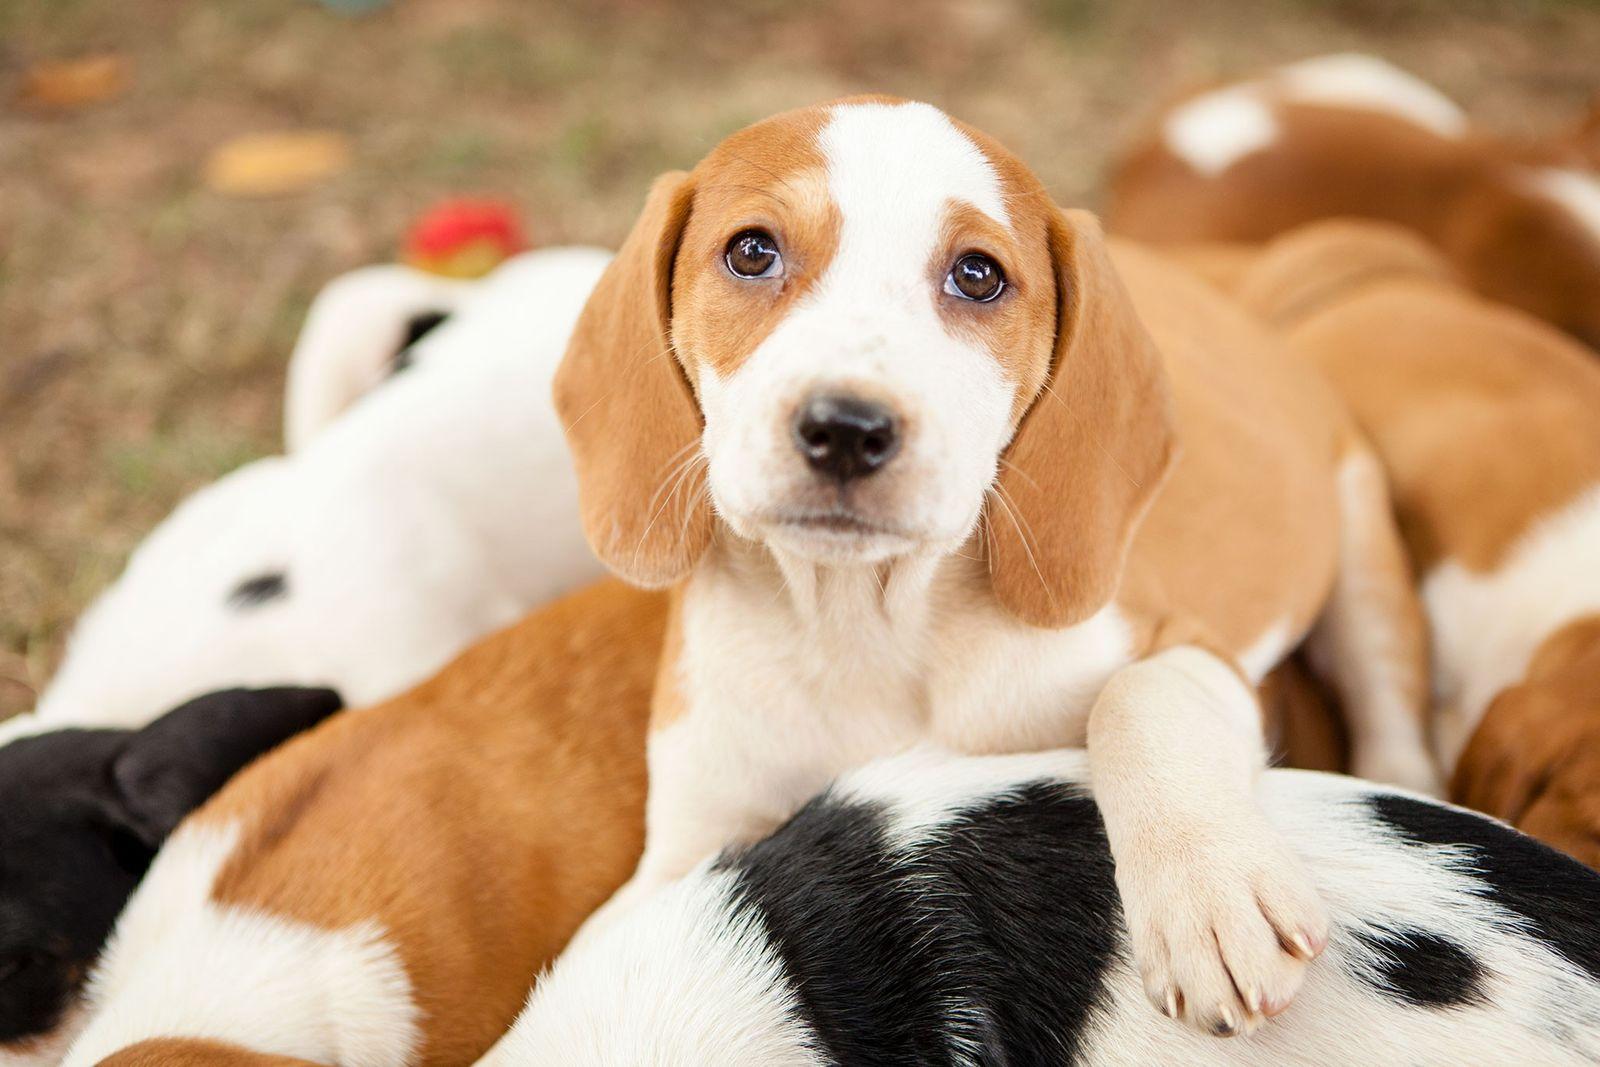 Cachorros para adoção brincam no pátio.